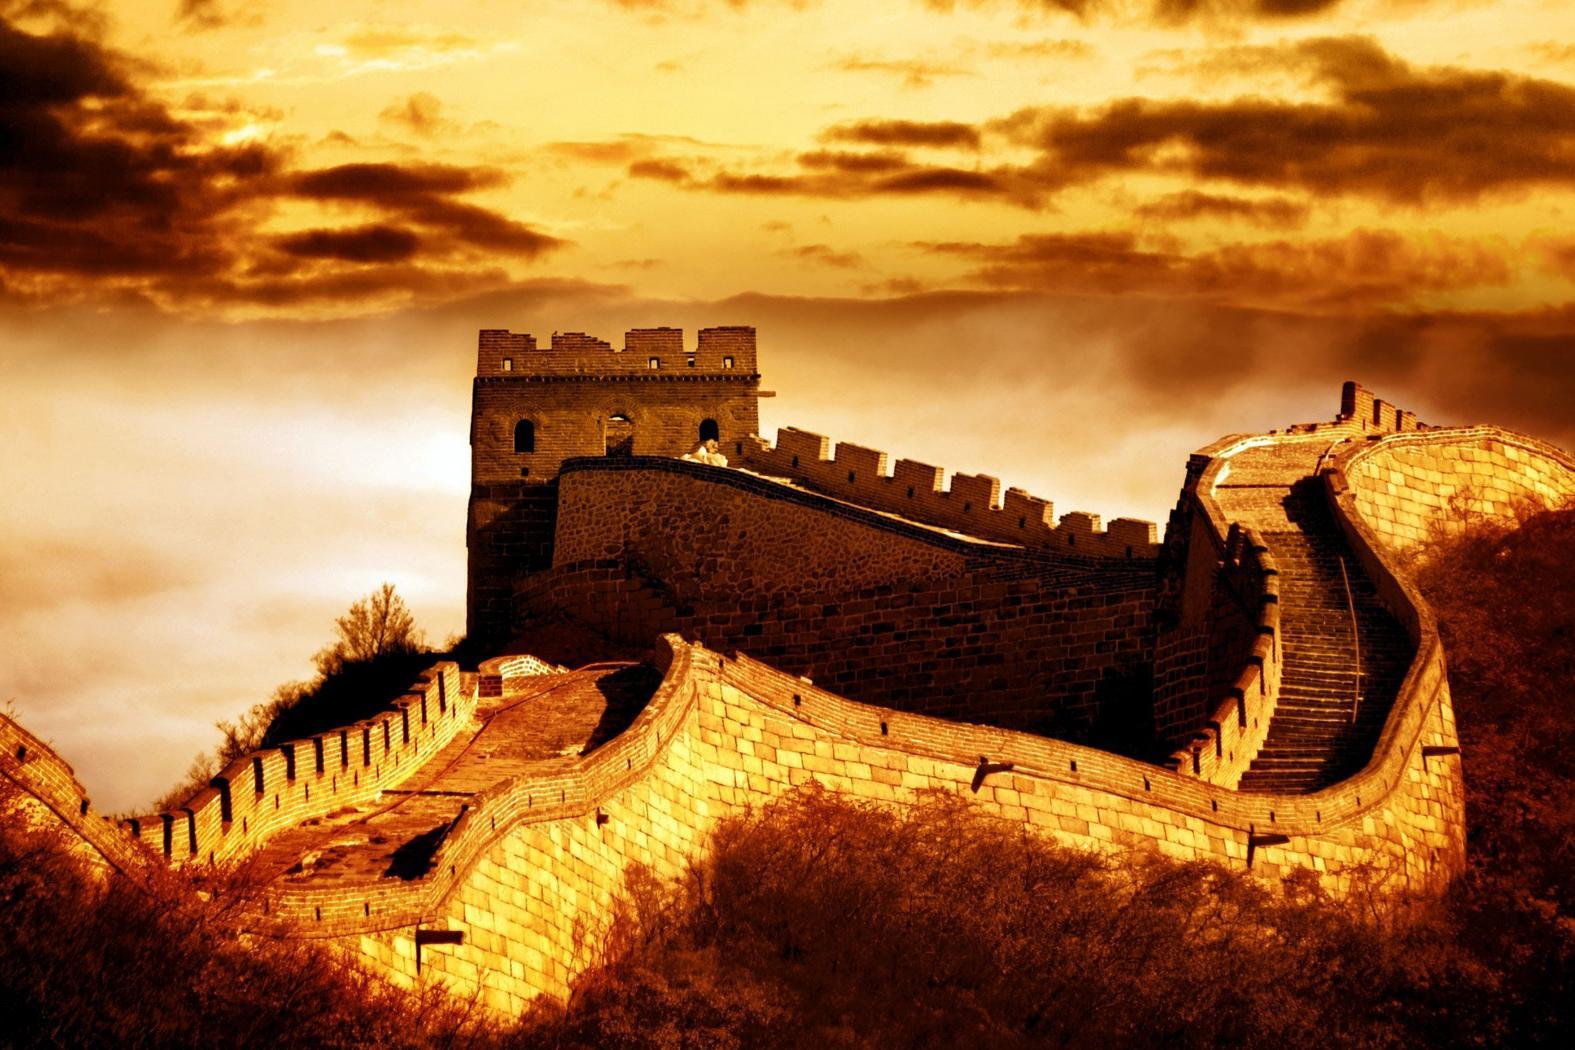 中国古代汉朝经济总量占世界_中国古代地图